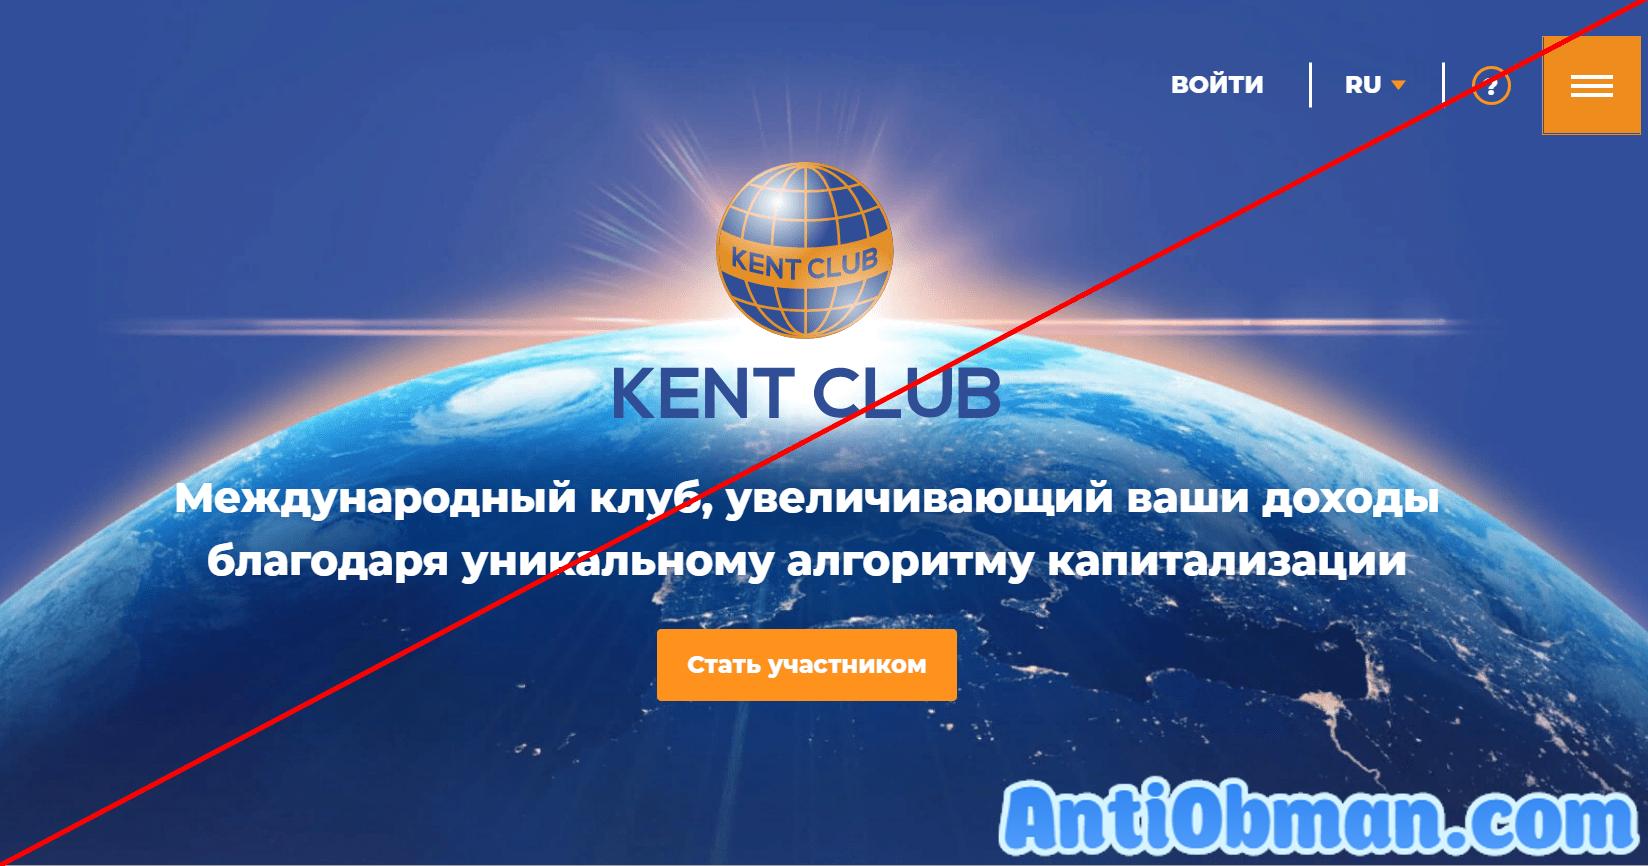 Клуб Кент (kent.club) - отзывы